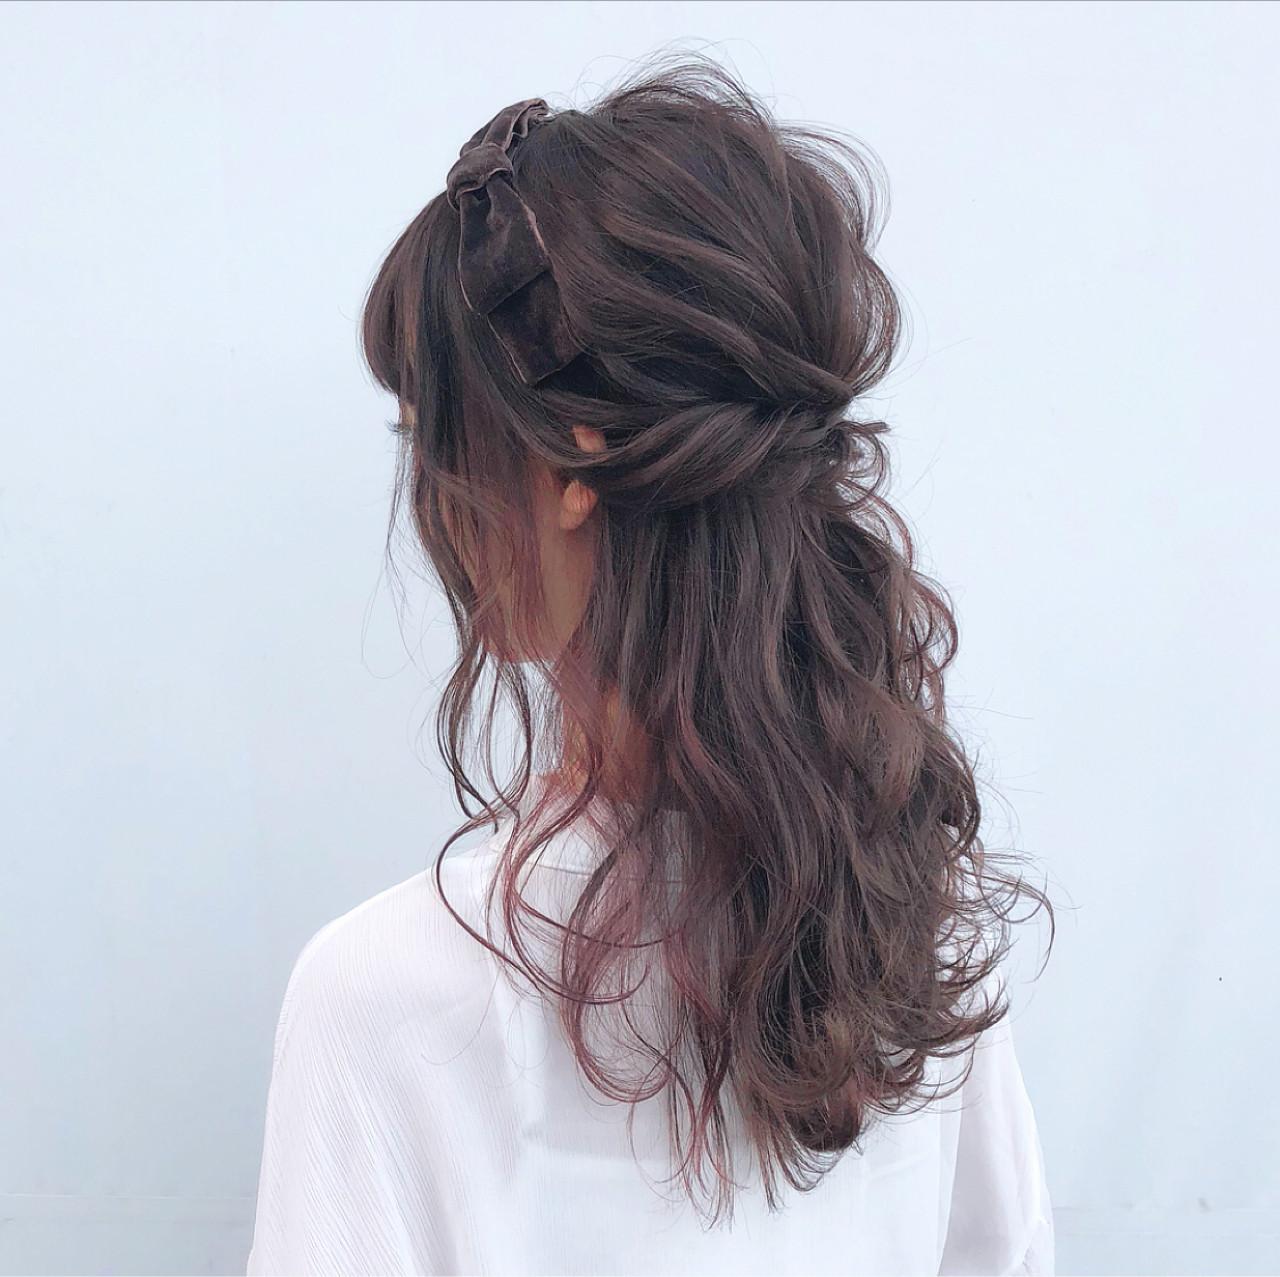 カレをドキッとさせる♡デート向け簡単髪型アレンジBEST16